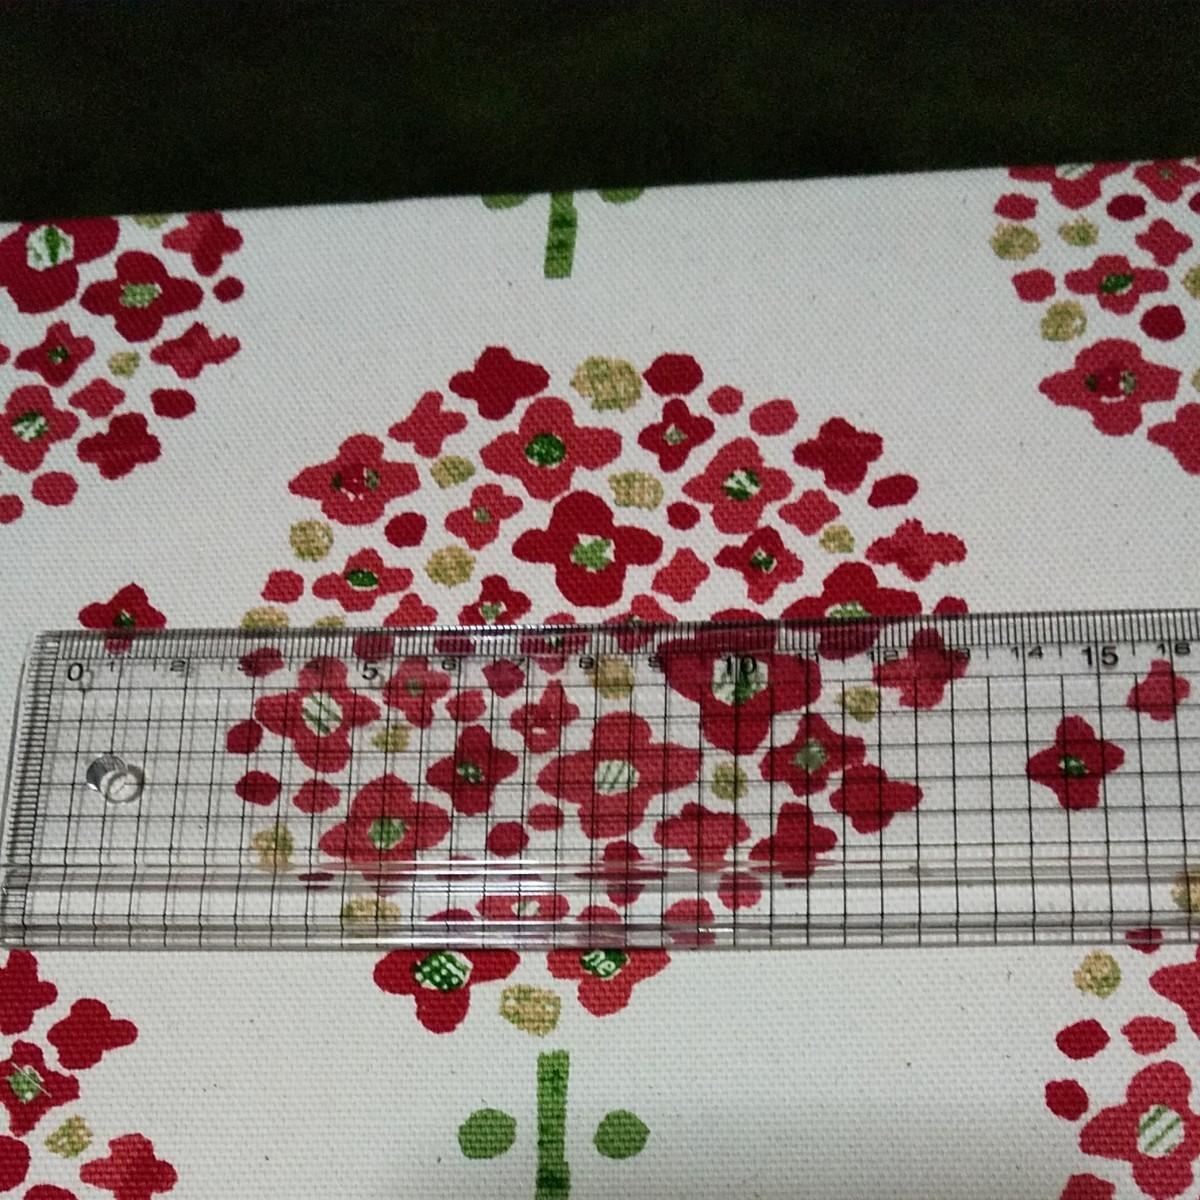 カットクロス 赤いお花